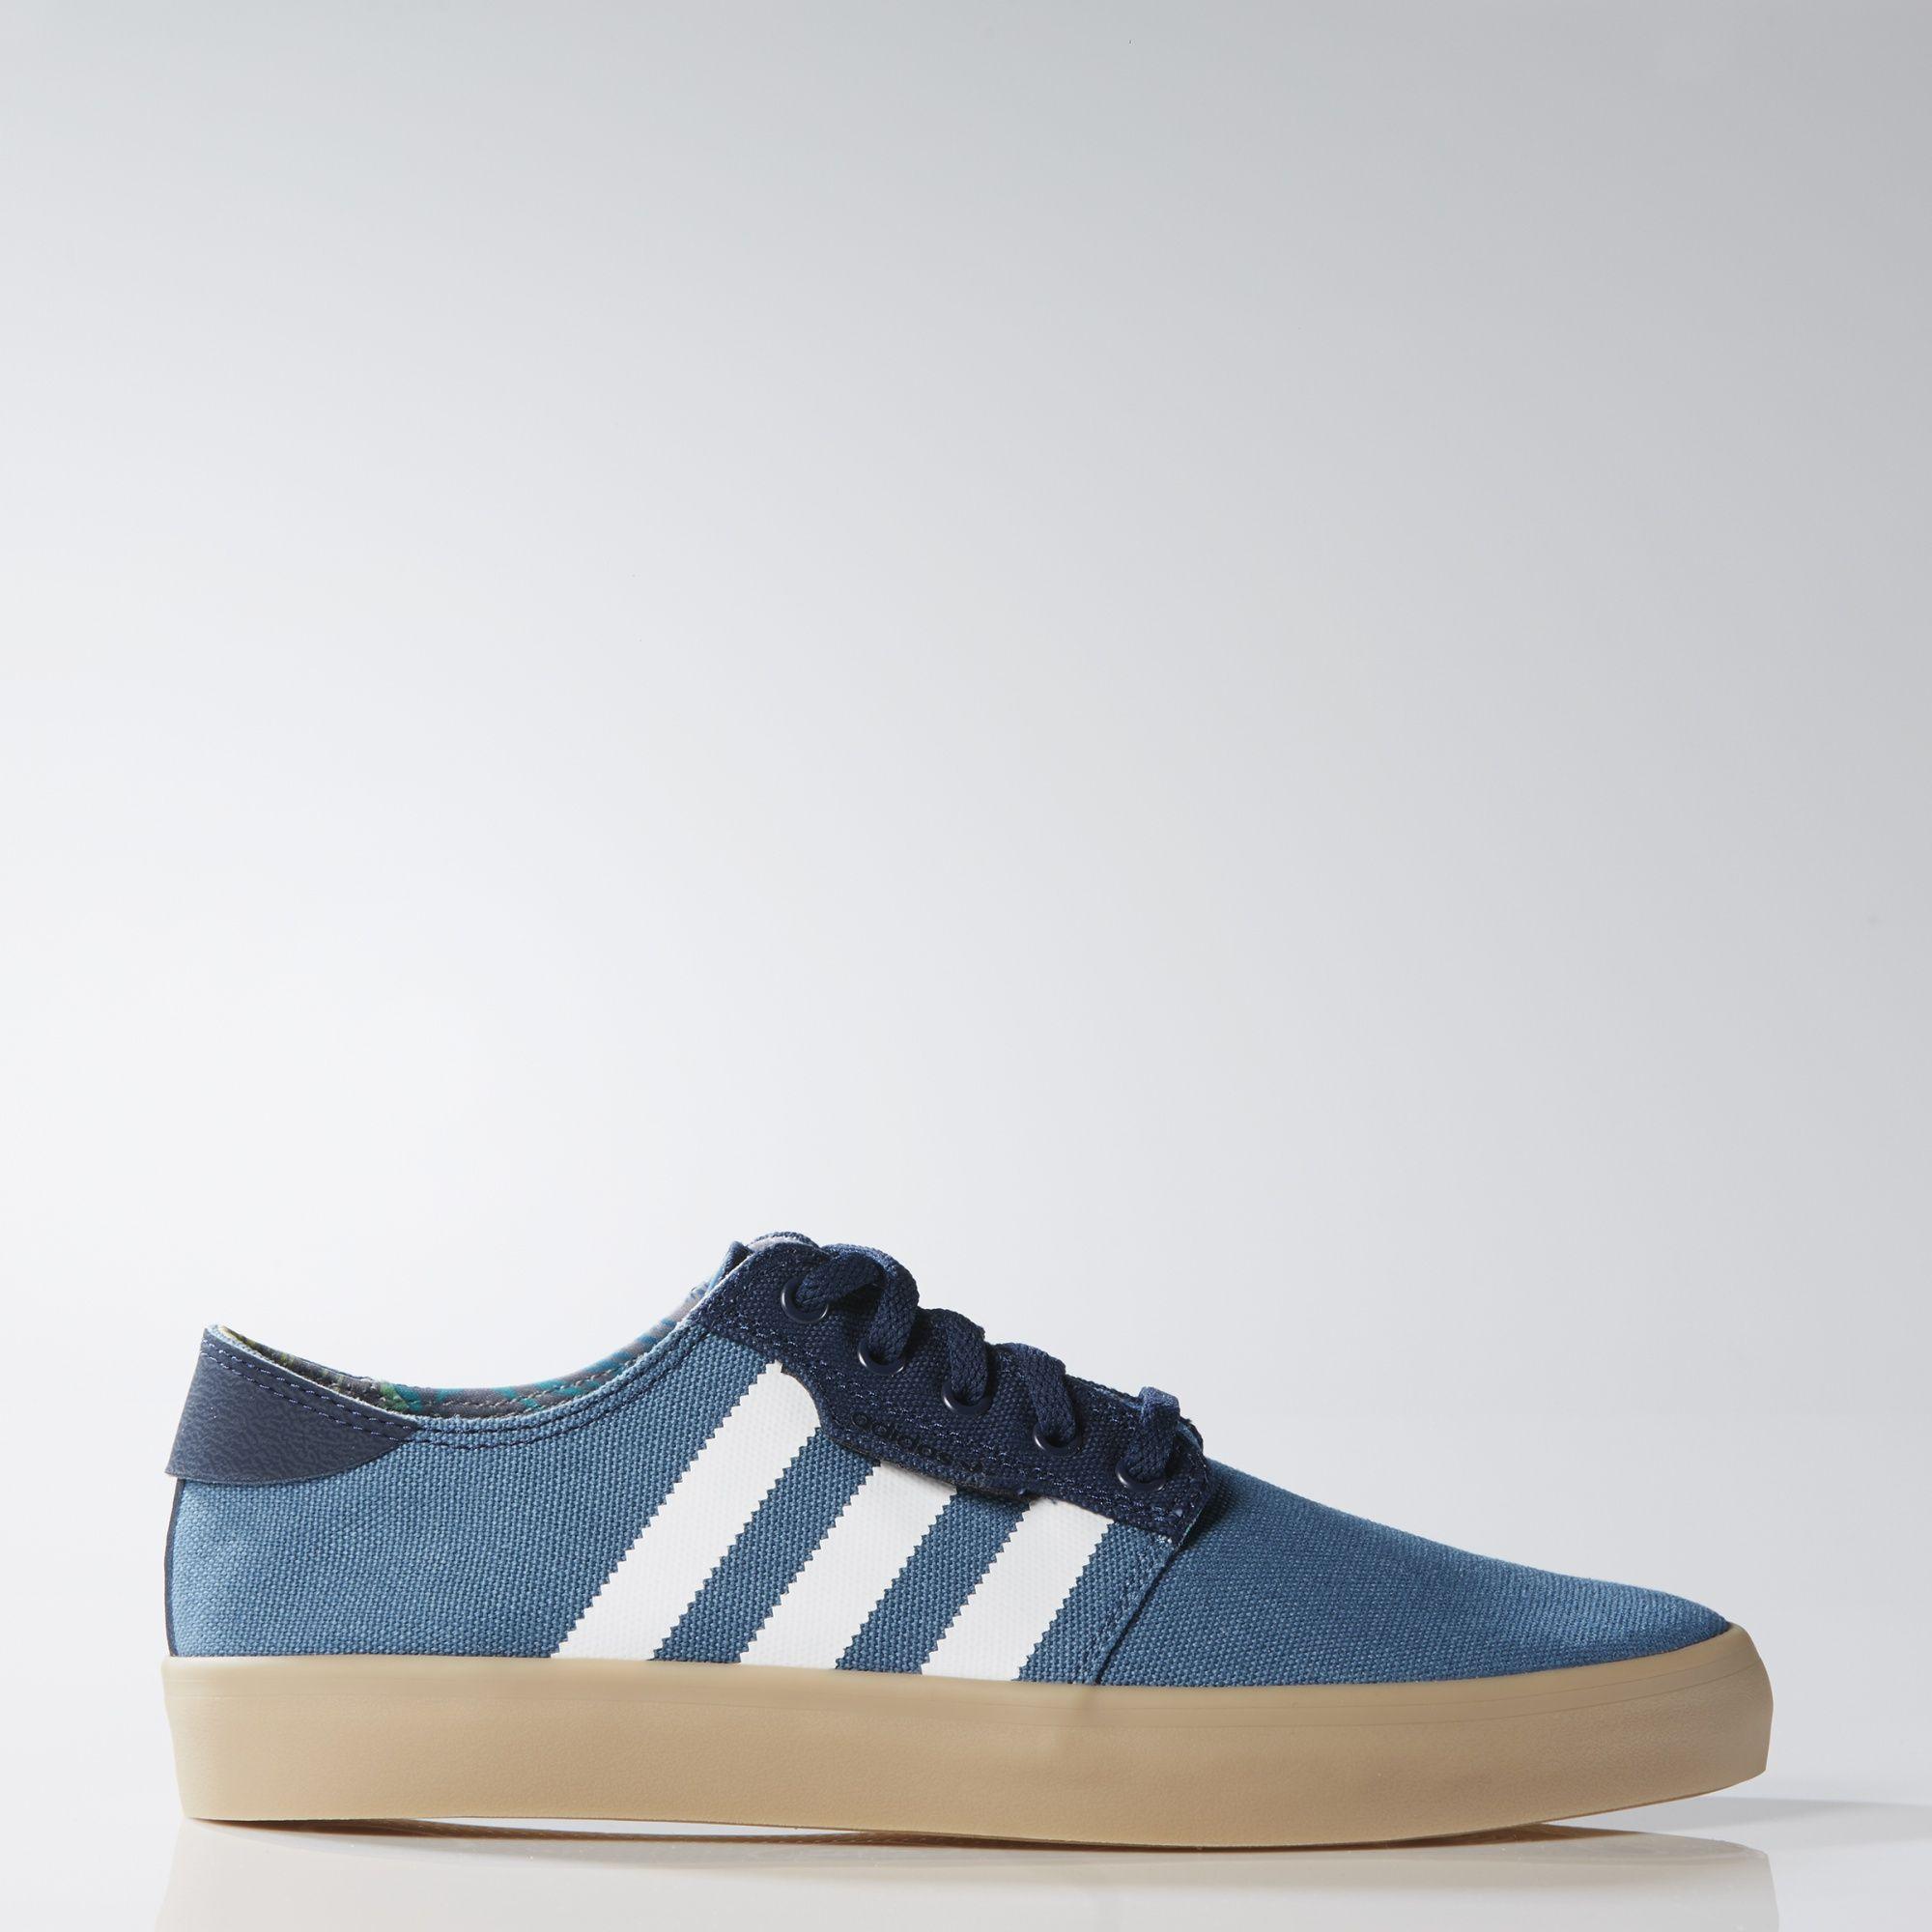 aterrizaje Inevitable Tigre  SEELEY ESSENTIAL - Azul en adidas.co! Descubre todos los estilos y colores  disponibles en la tienda adidas onl… | Zapatos informales, Zapatillas,  Zapatos deportivos